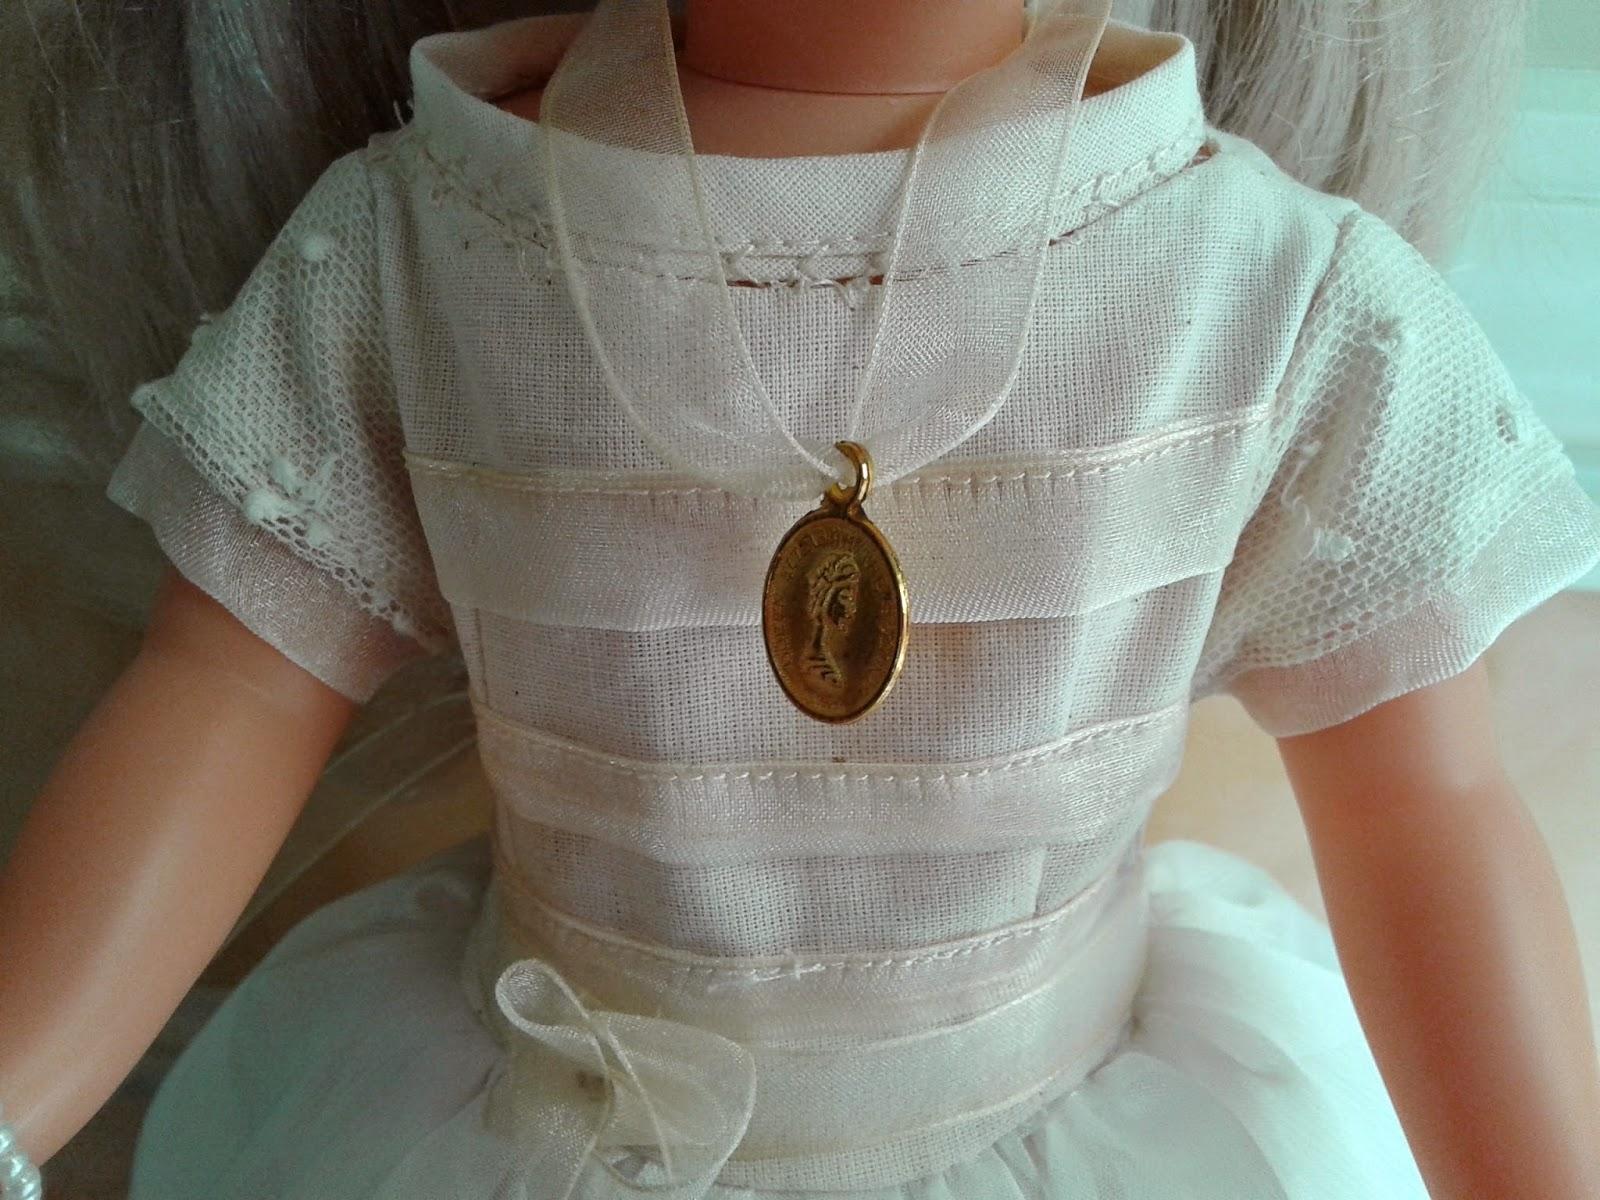 detalles personalizados para la muñeca